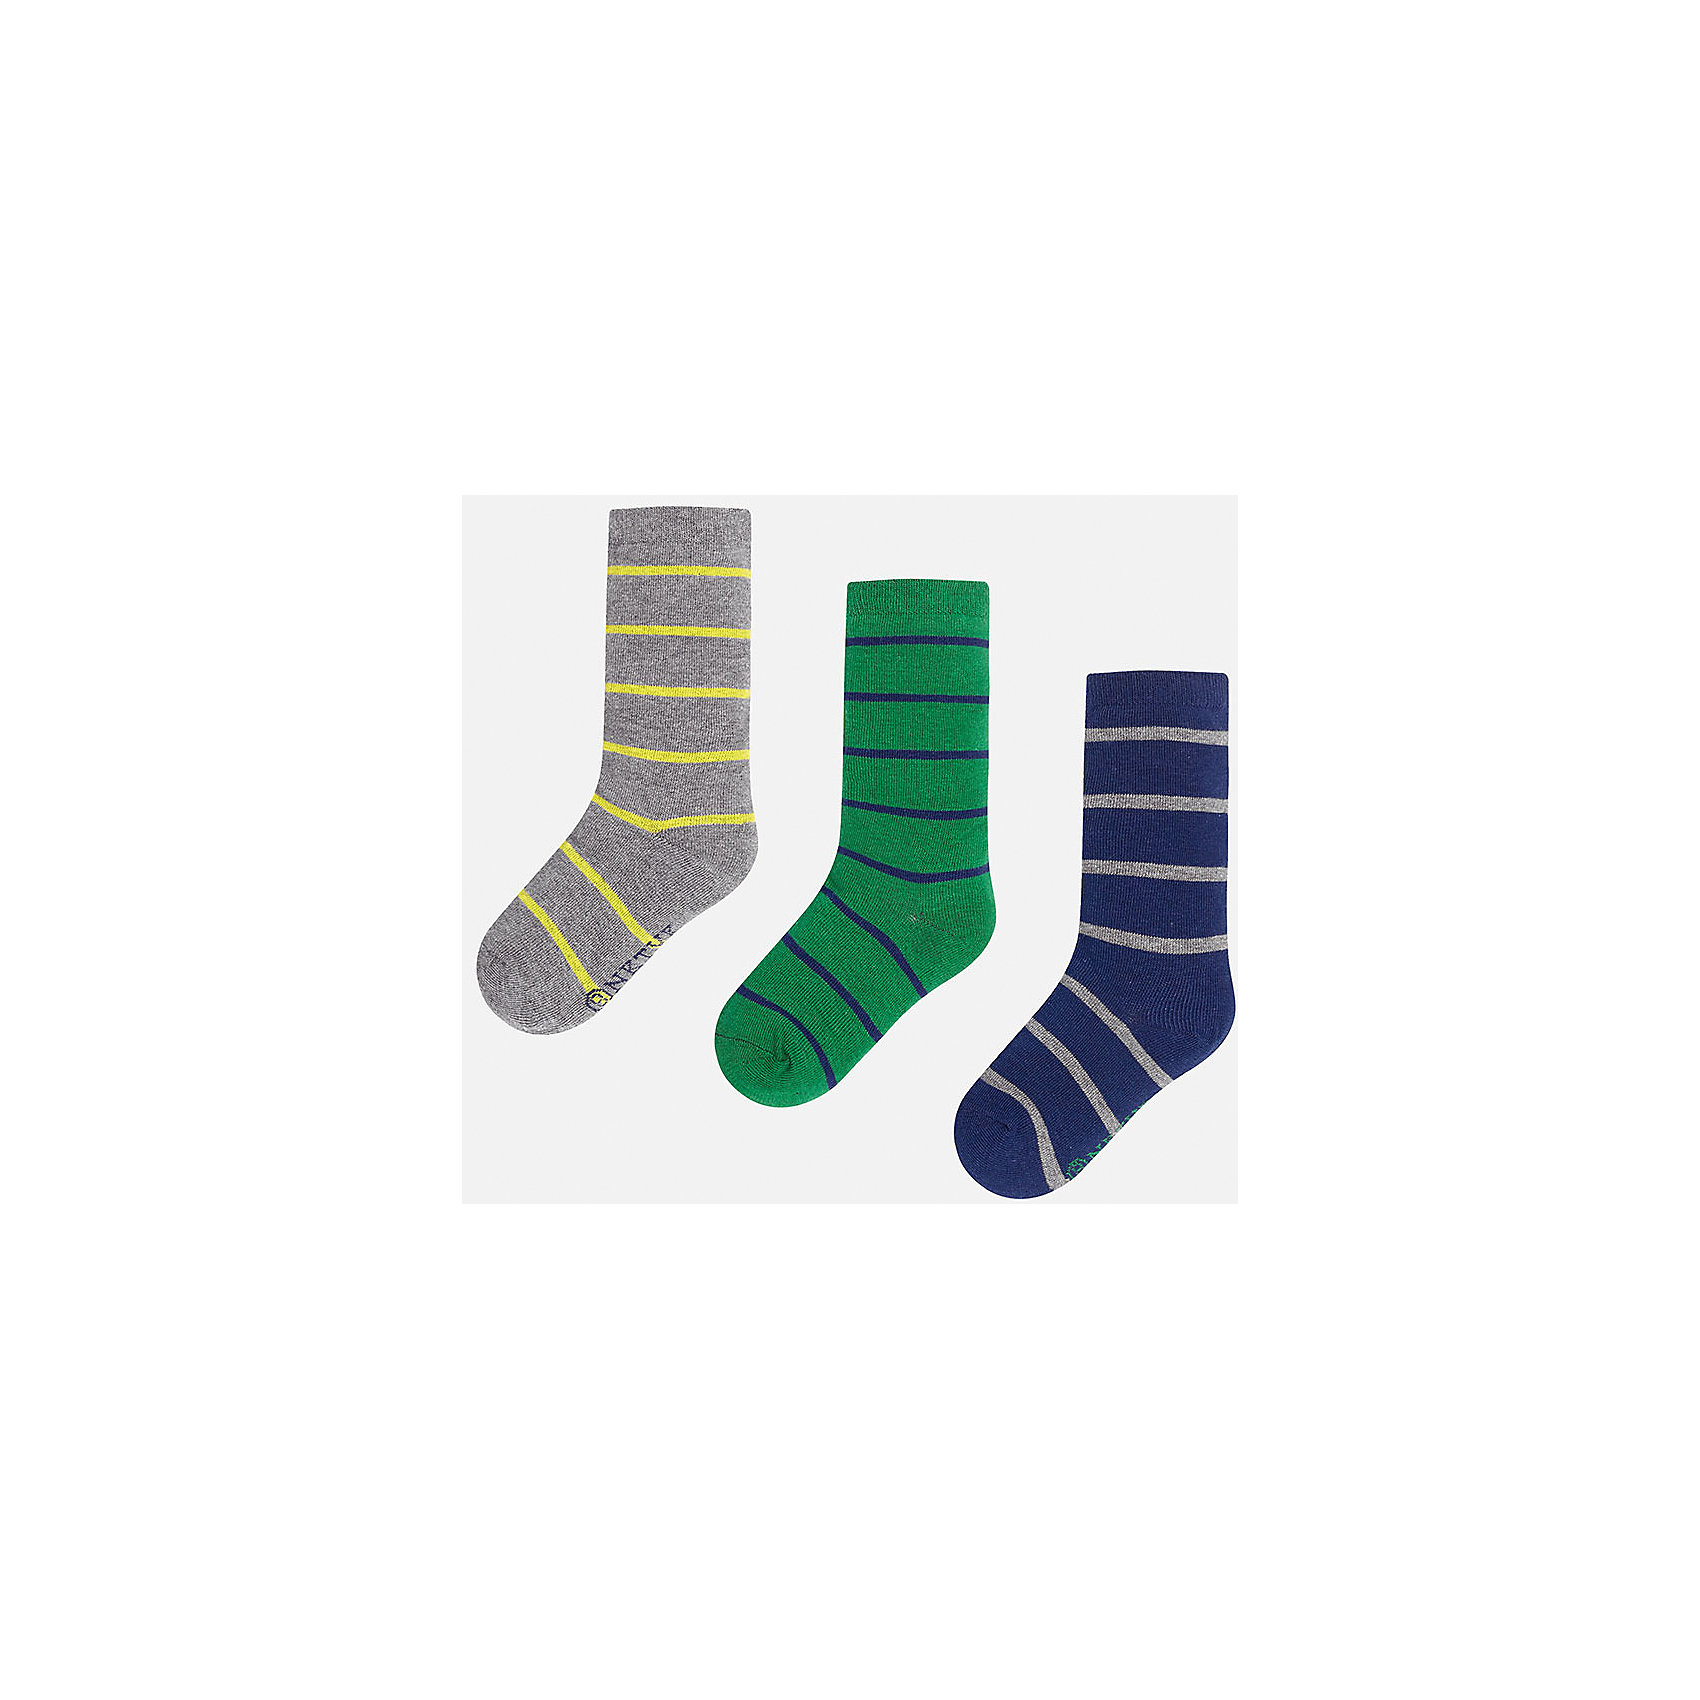 Носки для мальчика MayoralНоски<br>Комплект носков для мальчика от известного испанского бренда Mayoral. Все носки изготовлены из дышащих, водоотталкивающих материалов. Яркие носки в полоску - хороший выбор на каждый день!<br>Дополнительная информация:<br>-цвета: серый/желтый, зеленый/синий, синий/серый<br>-состав: 72% хлопок, 25% полиамид, 3% эластан<br>Носки Mayoral можно приобрести в нашем интернет-магазине.<br><br>Ширина мм: 87<br>Глубина мм: 10<br>Высота мм: 105<br>Вес г: 115<br>Цвет: зеленый<br>Возраст от месяцев: 84<br>Возраст до месяцев: 96<br>Пол: Мужской<br>Возраст: Детский<br>Размер: 8,18,10,16,14,12<br>SKU: 4820253